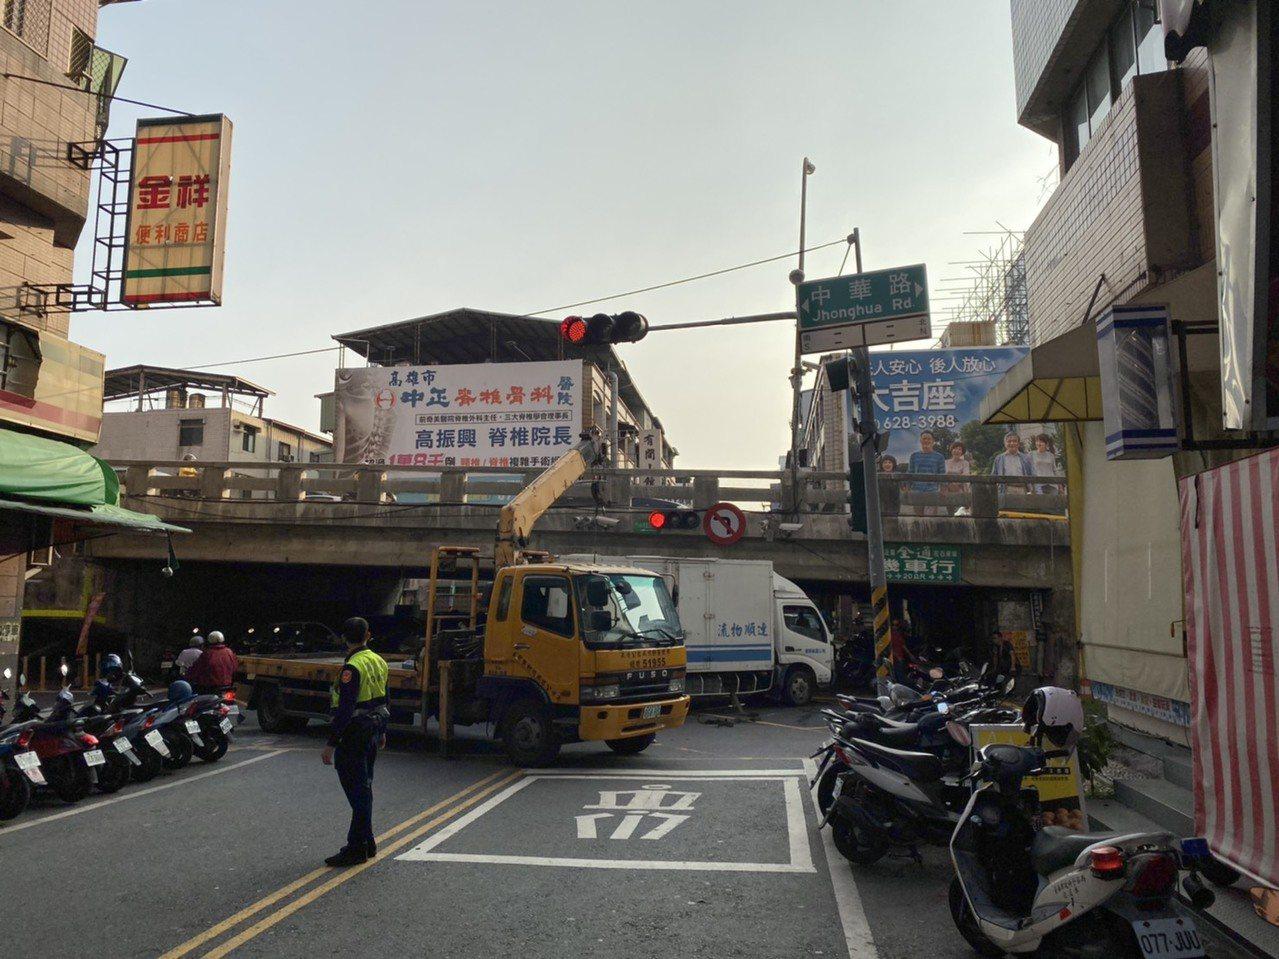 物流貨車過陸橋疑未注意限高,自撞陸橋翻覆阻交通。圖/翻攝畫面